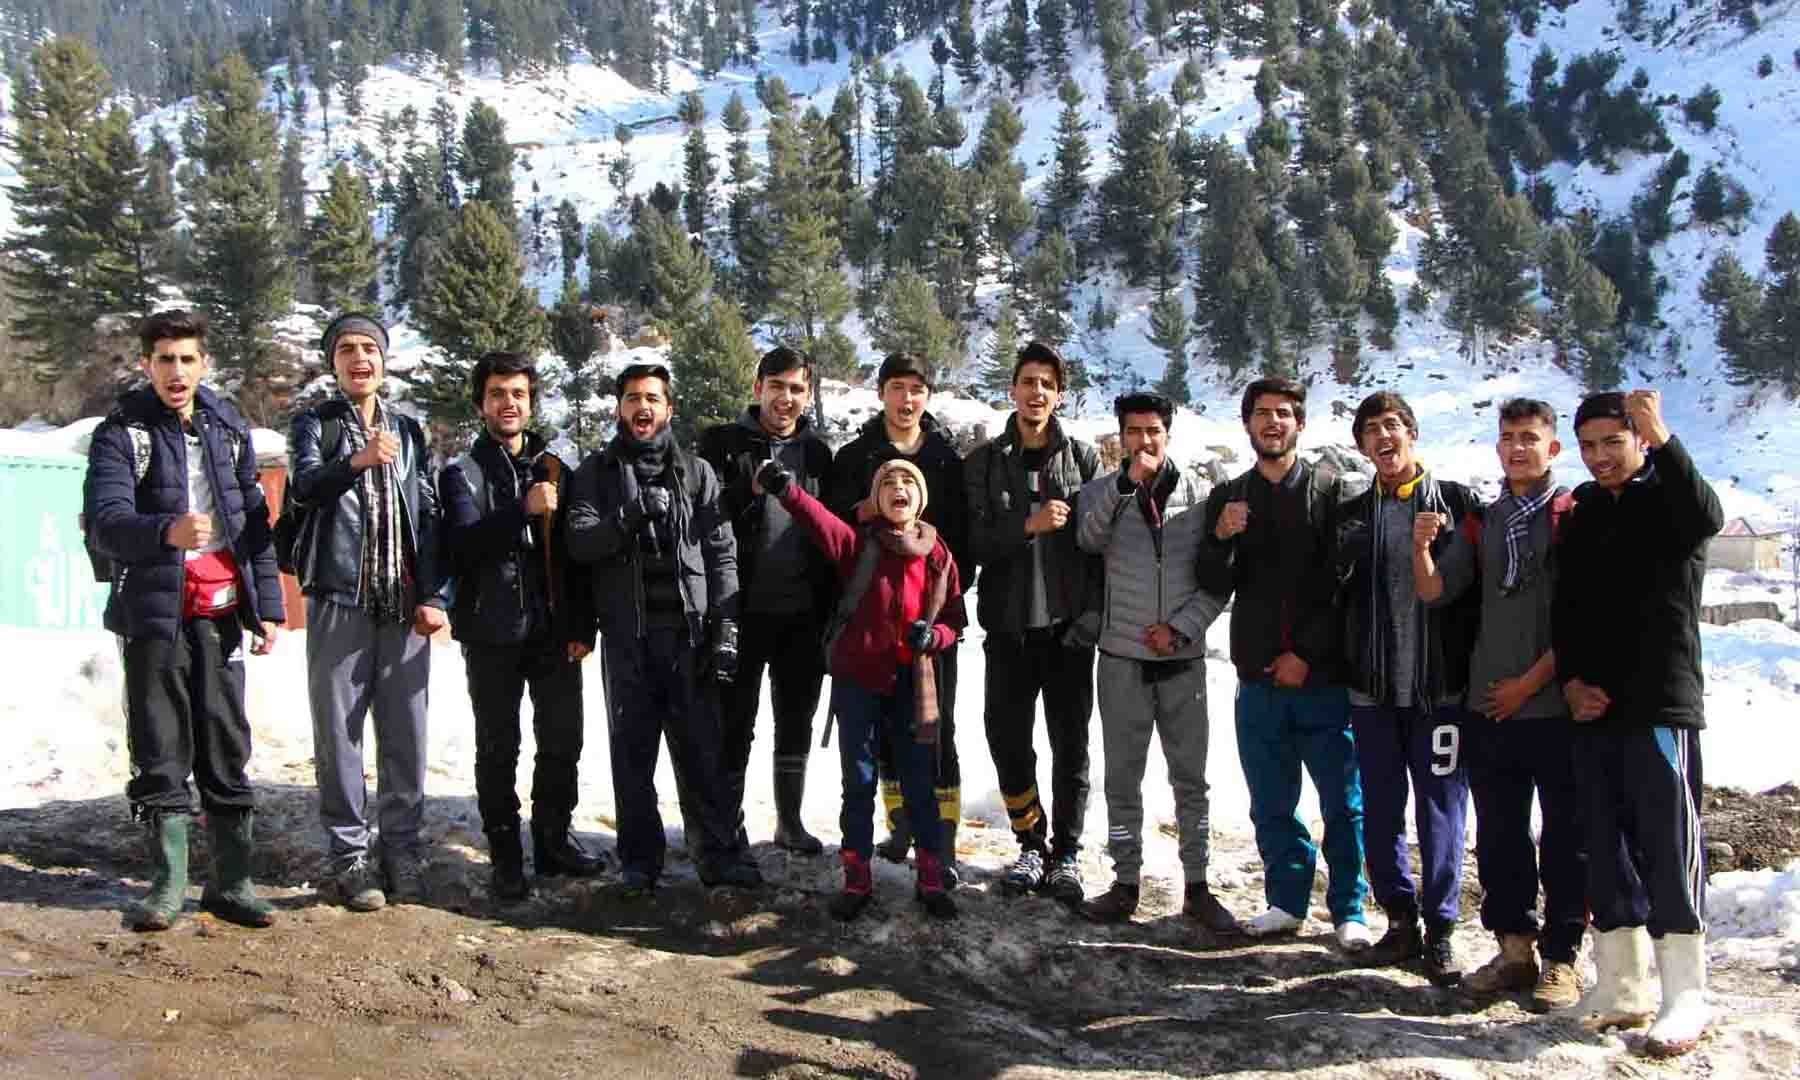 فلک سیر ٹریکنگ کلب، دی ینگسٹ ٹریکنگ کلب آف پاکستان